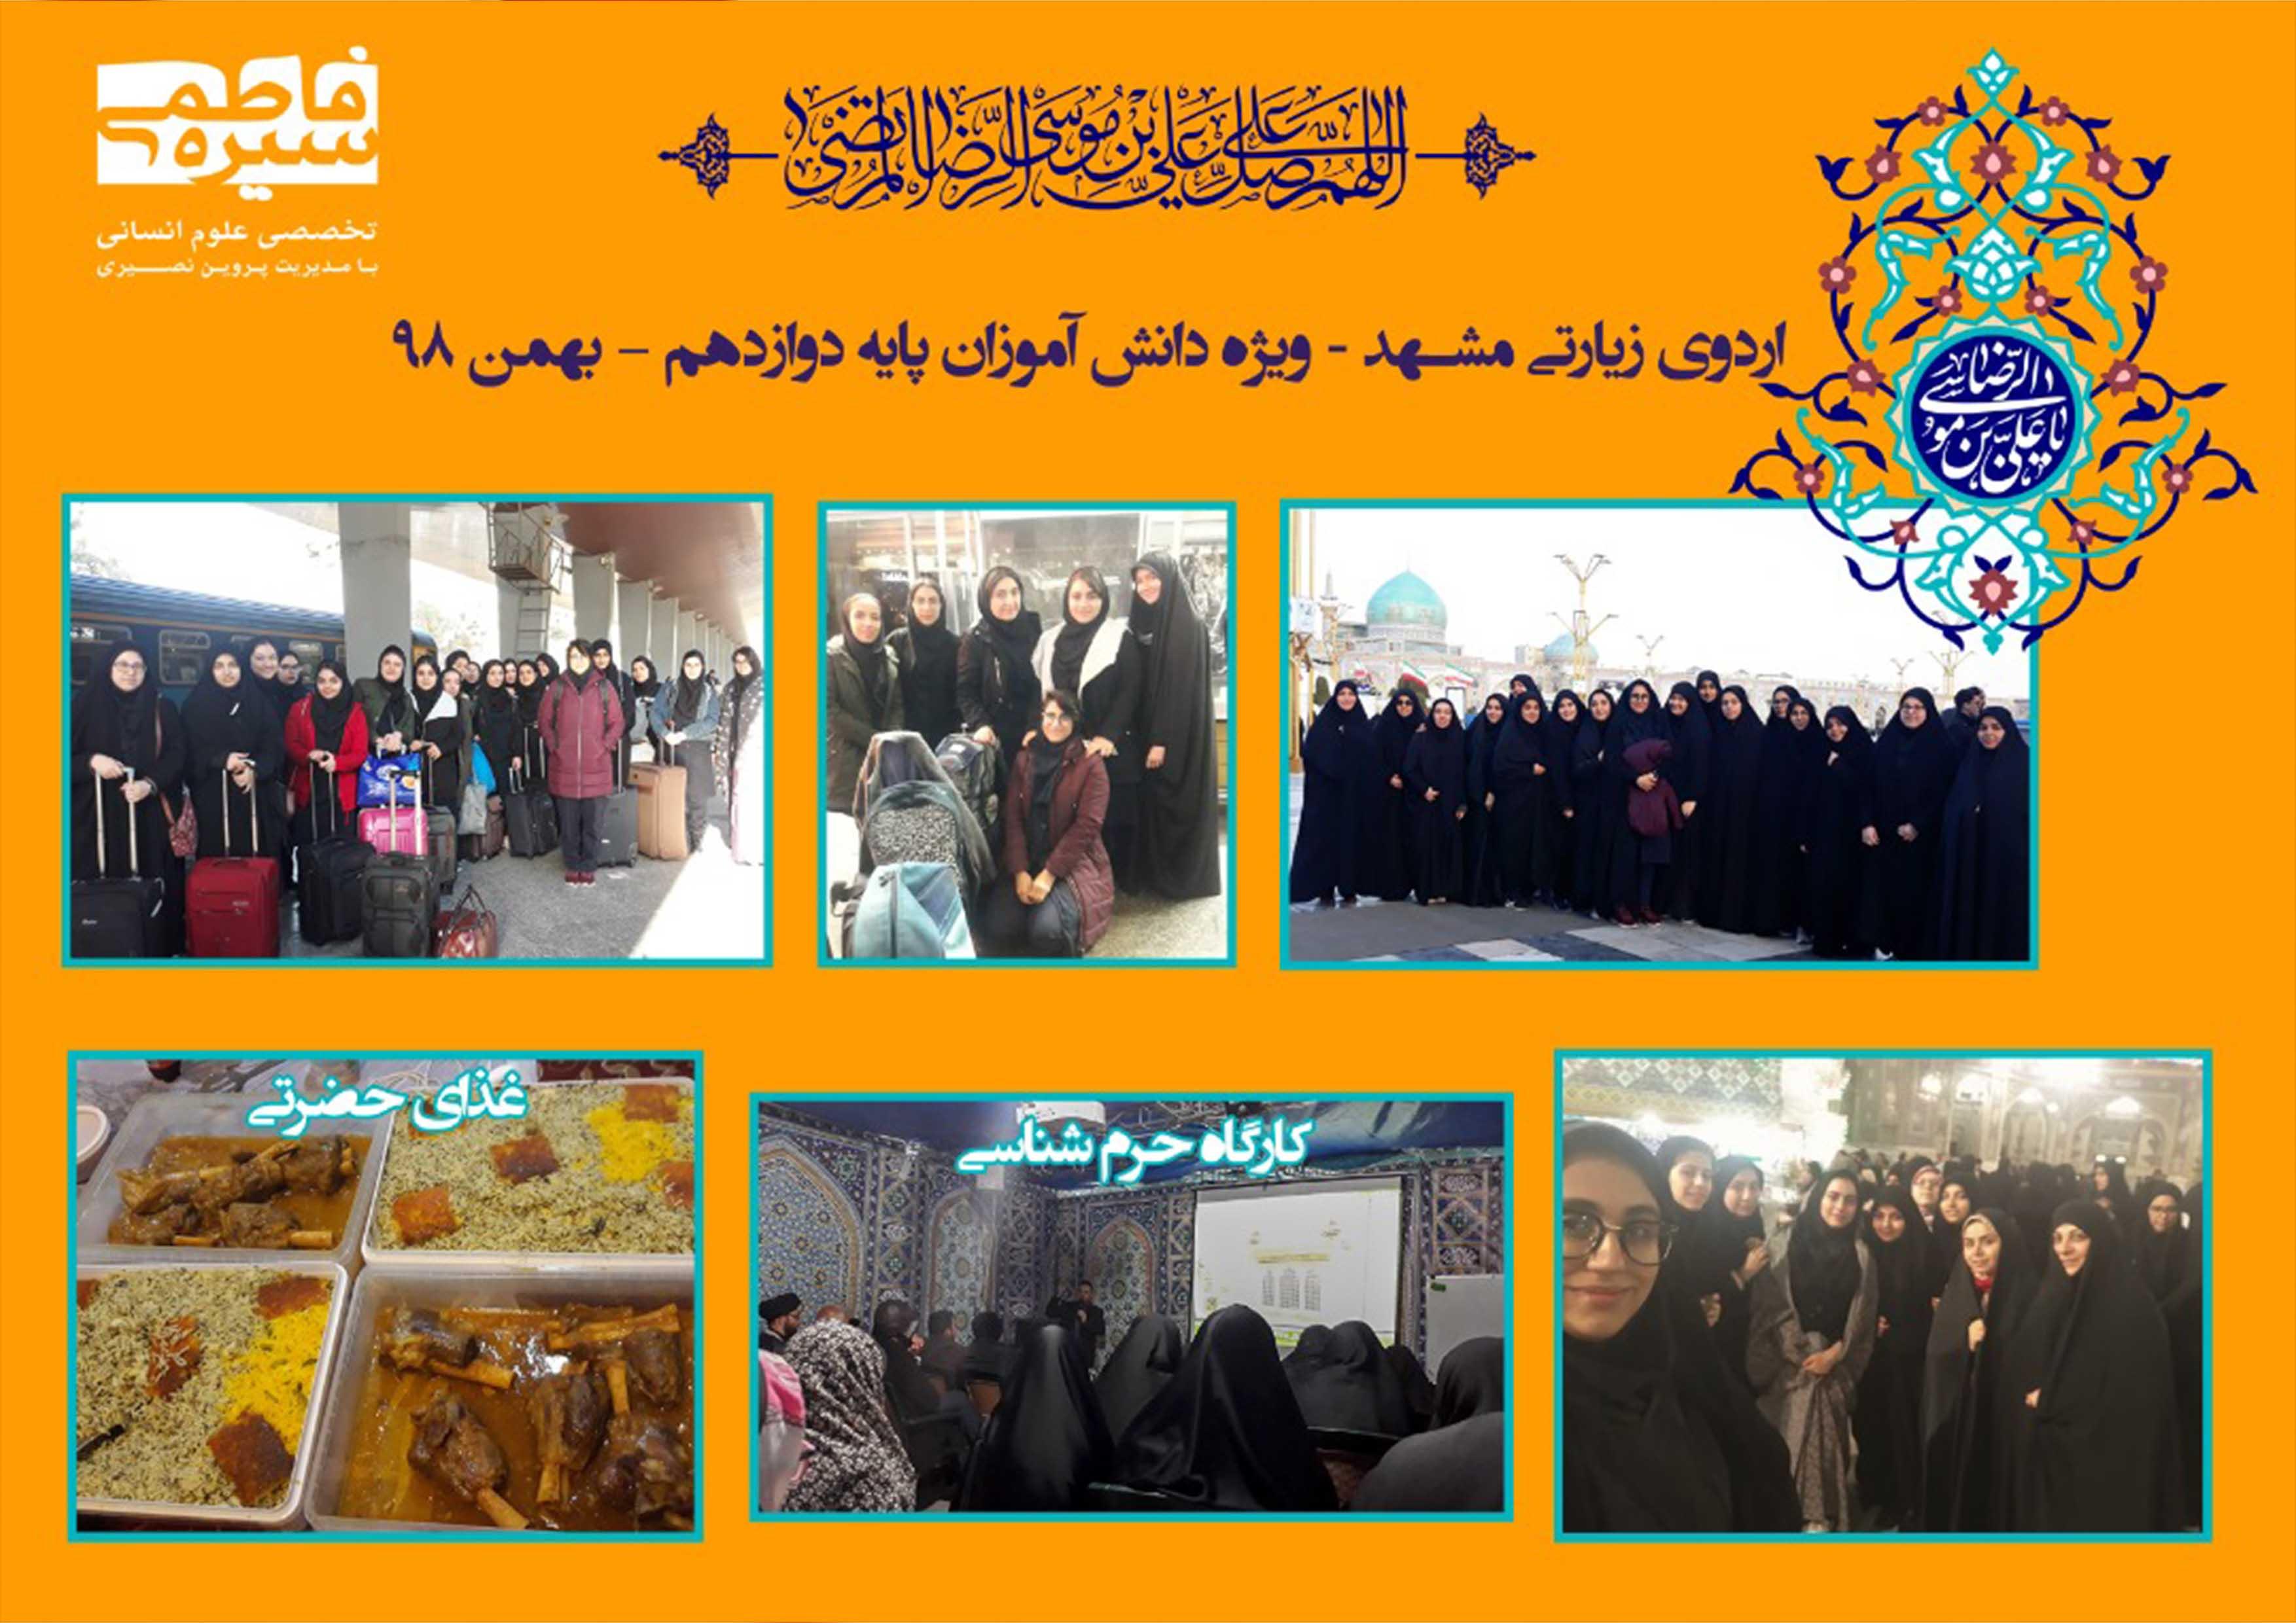 اردوی زیارتی مشهد- بهمن ۹۸